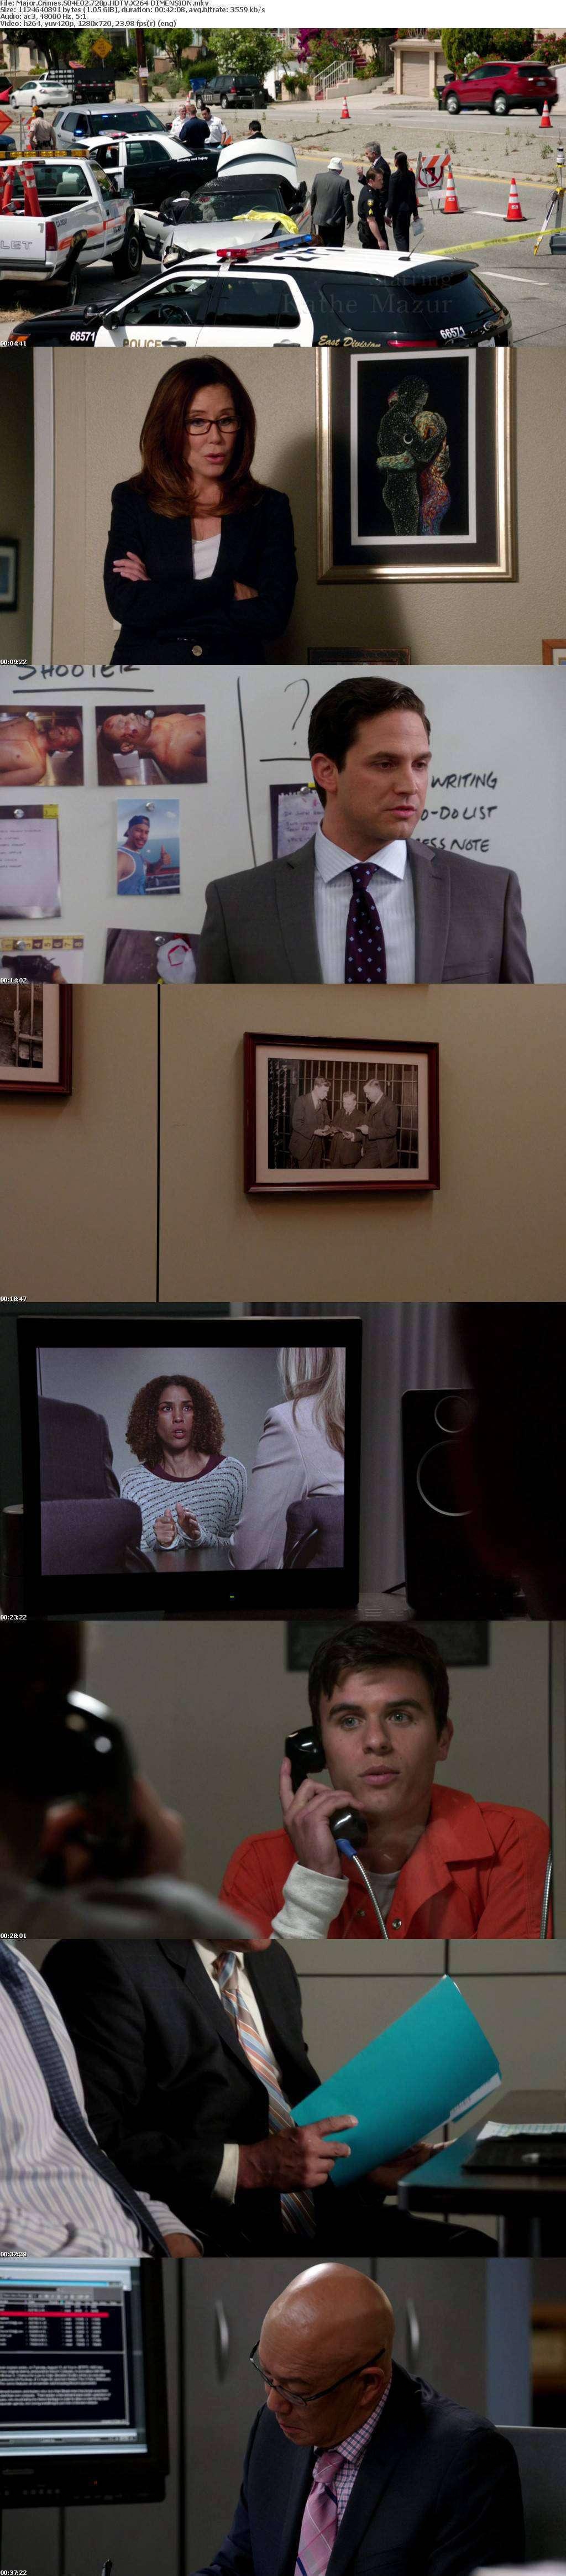 Major Crimes S04E02 720p HDTV X264-DIMENSION